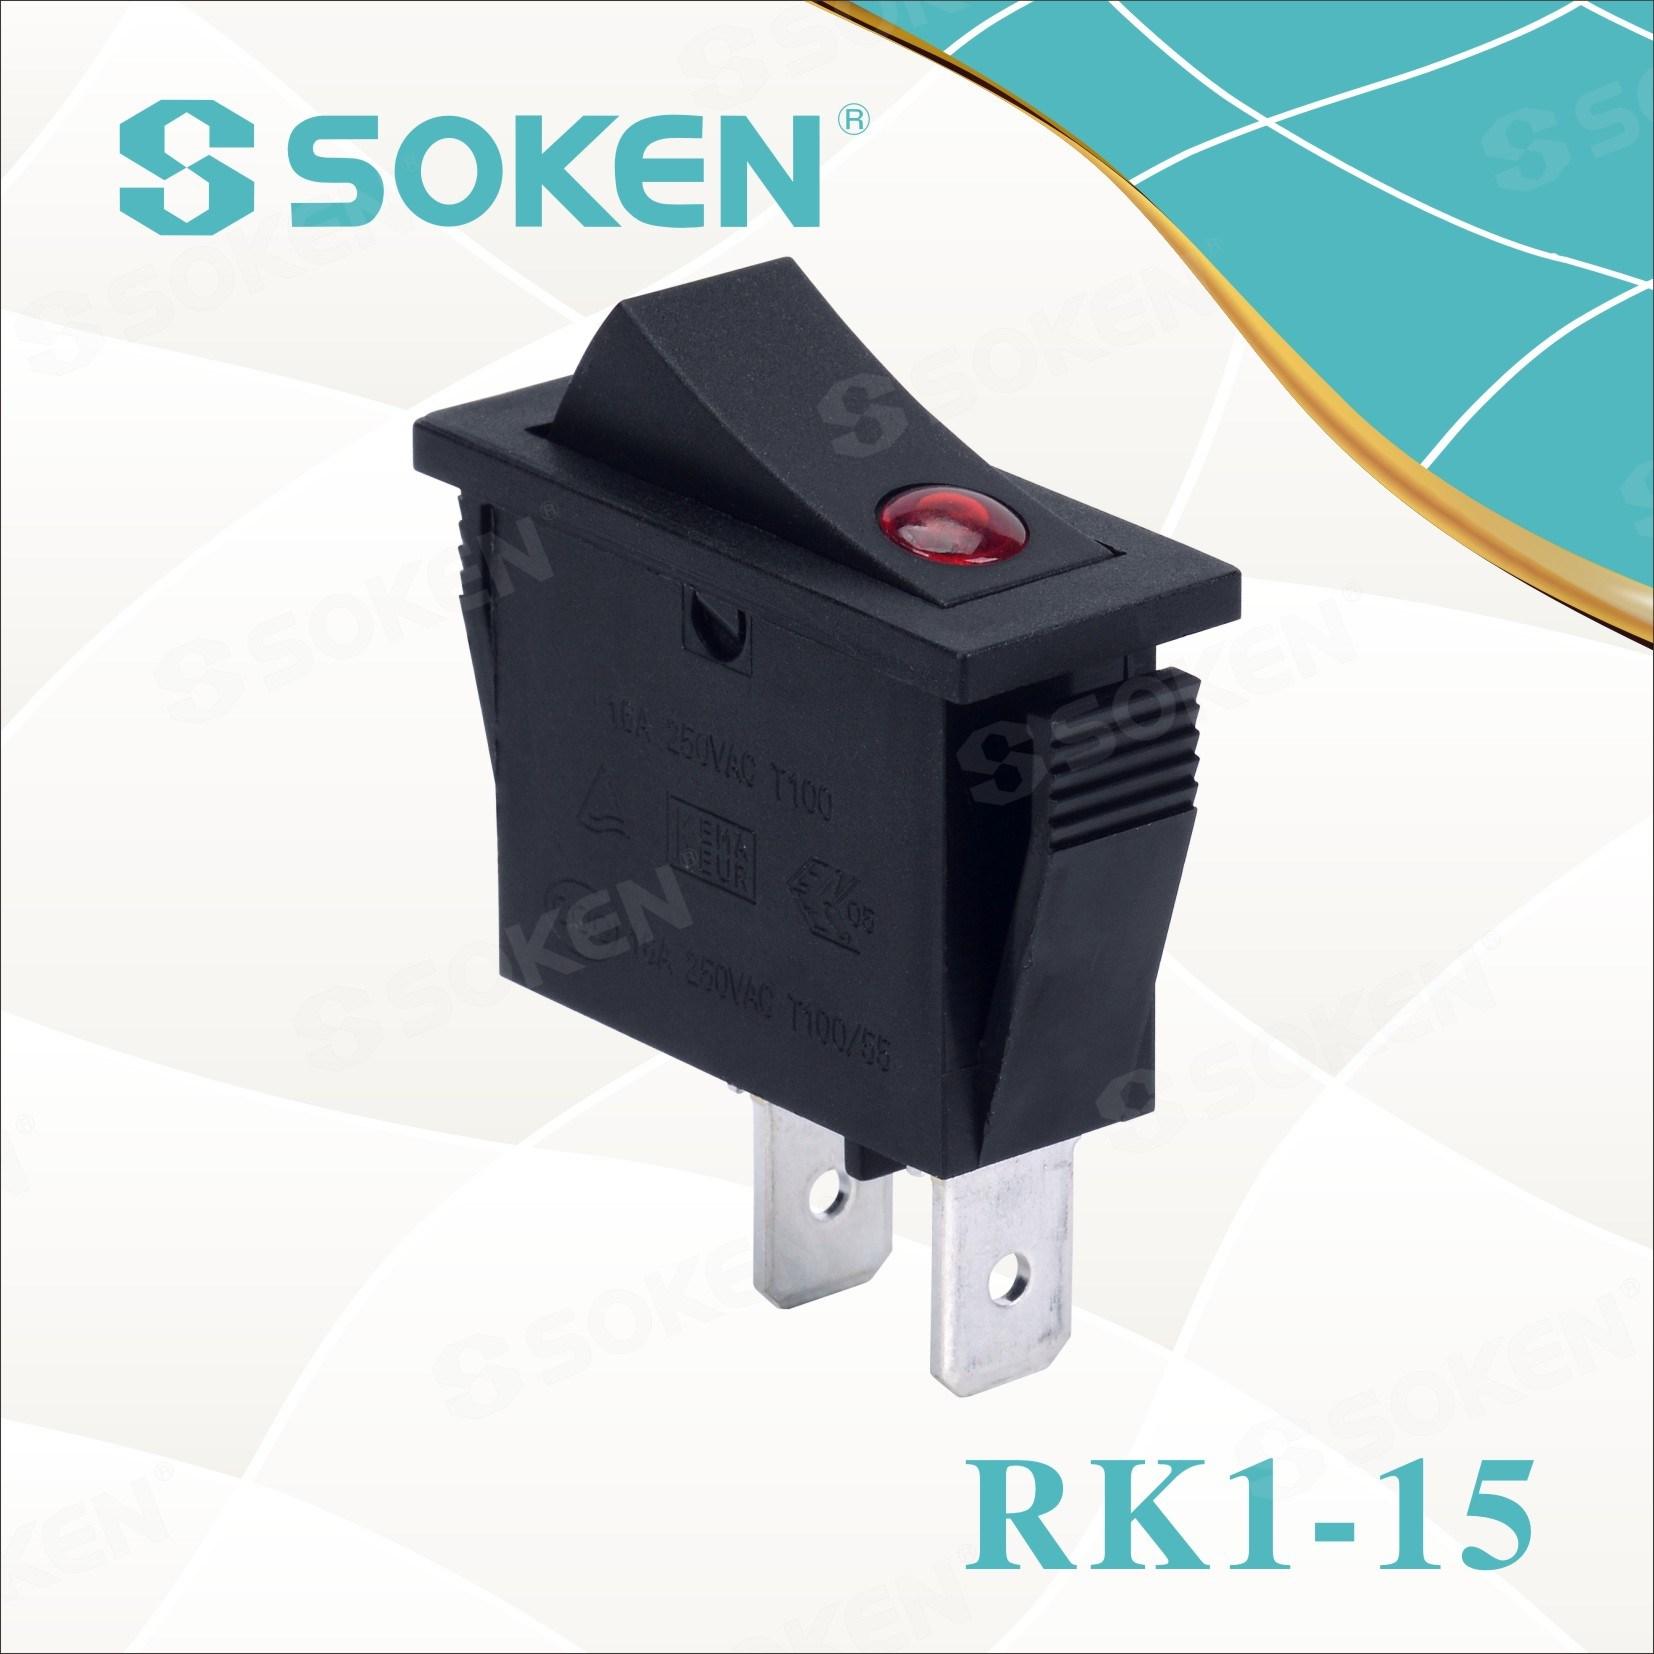 Soken Rk1-15 1X1n Lens on off Rocker Switch